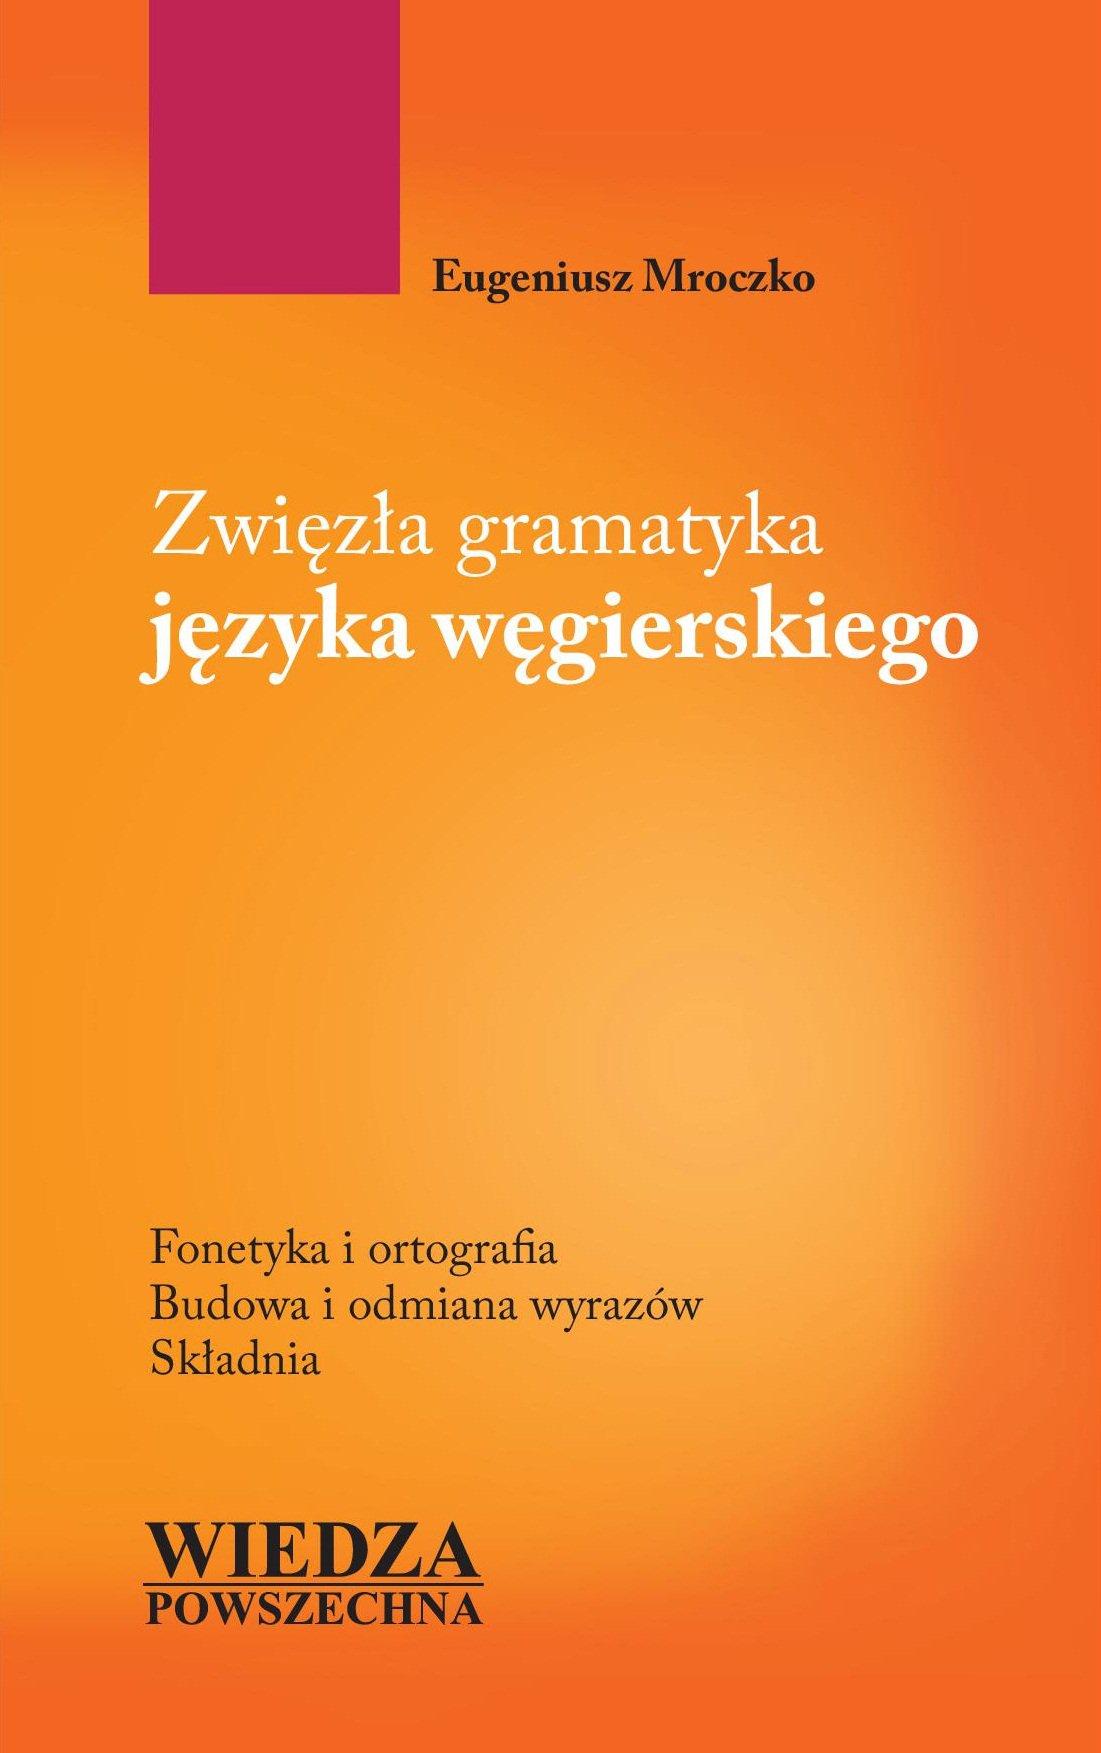 Zwięzła gramatyka języka węgierskiego - Ebook (Książka PDF) do pobrania w formacie PDF